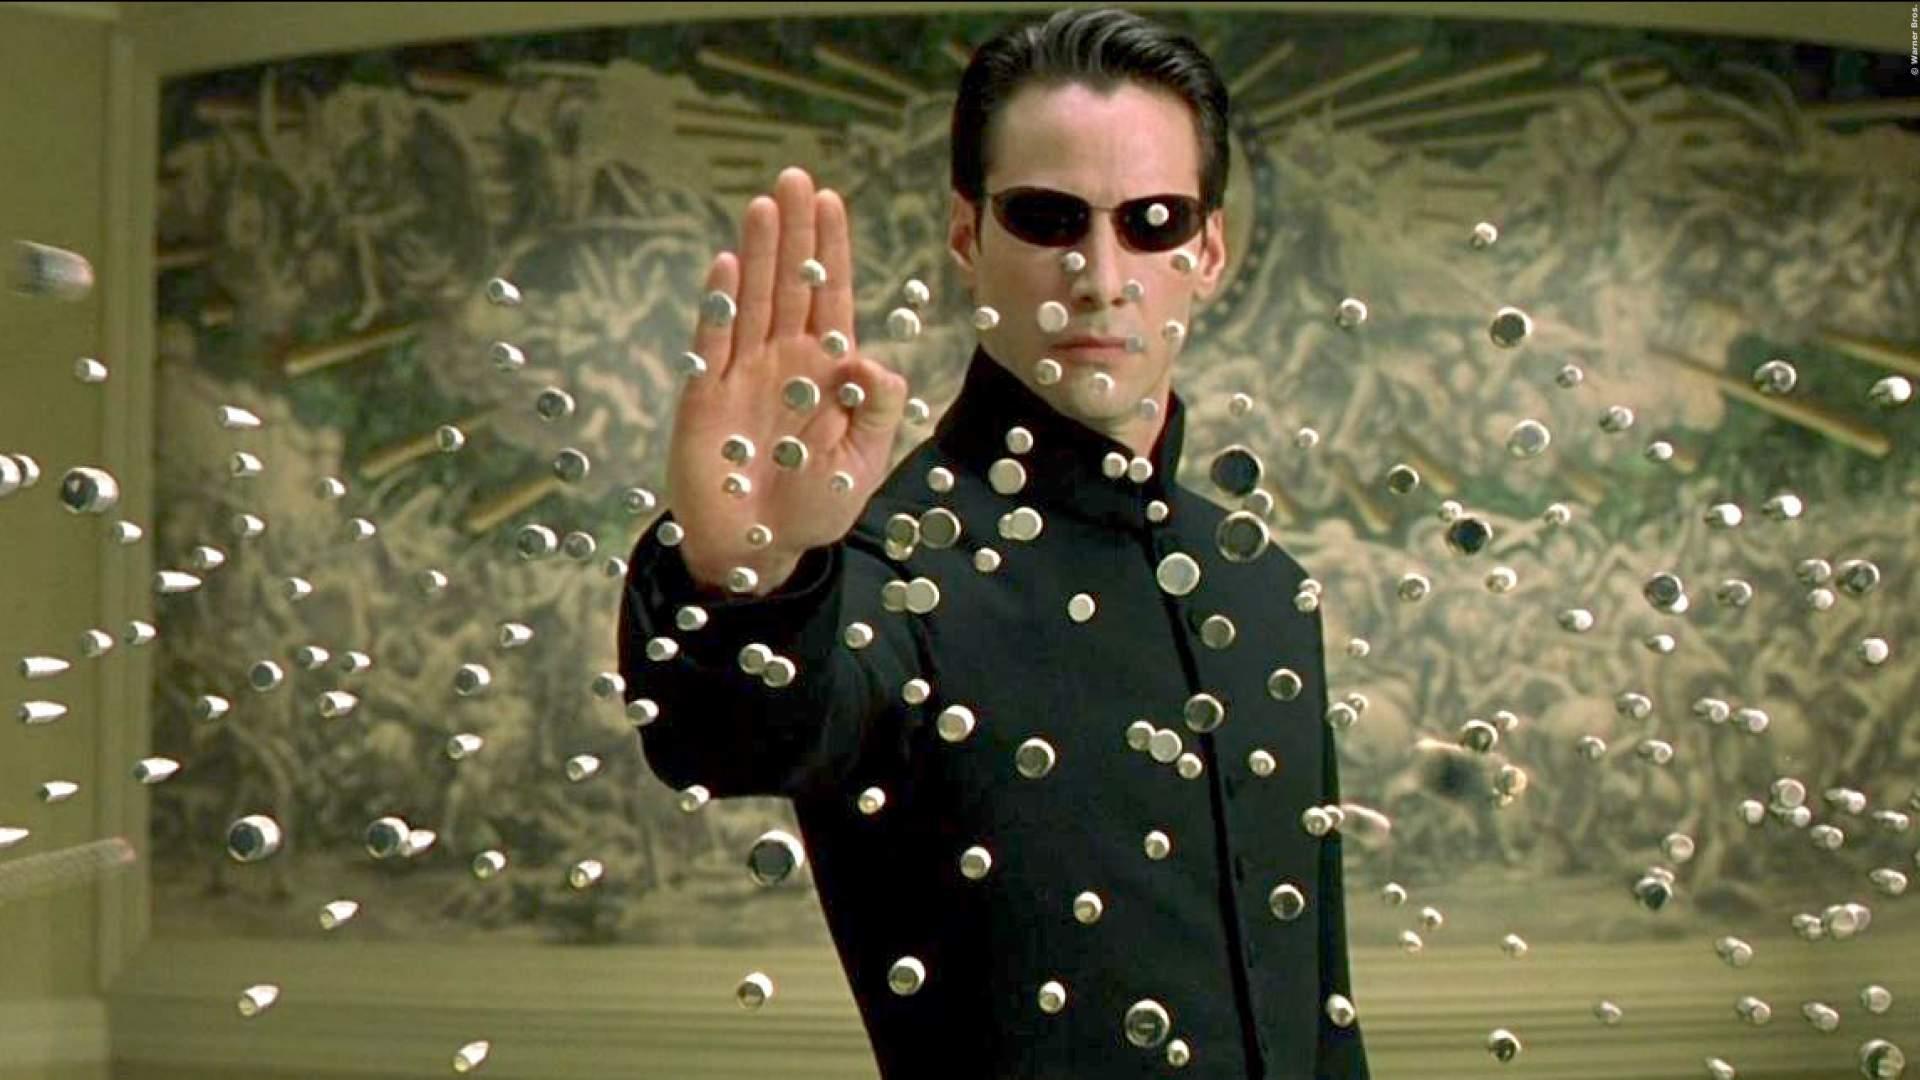 FORTSETZUNG: Darum muss 'Matrix 4' einfach gut werden